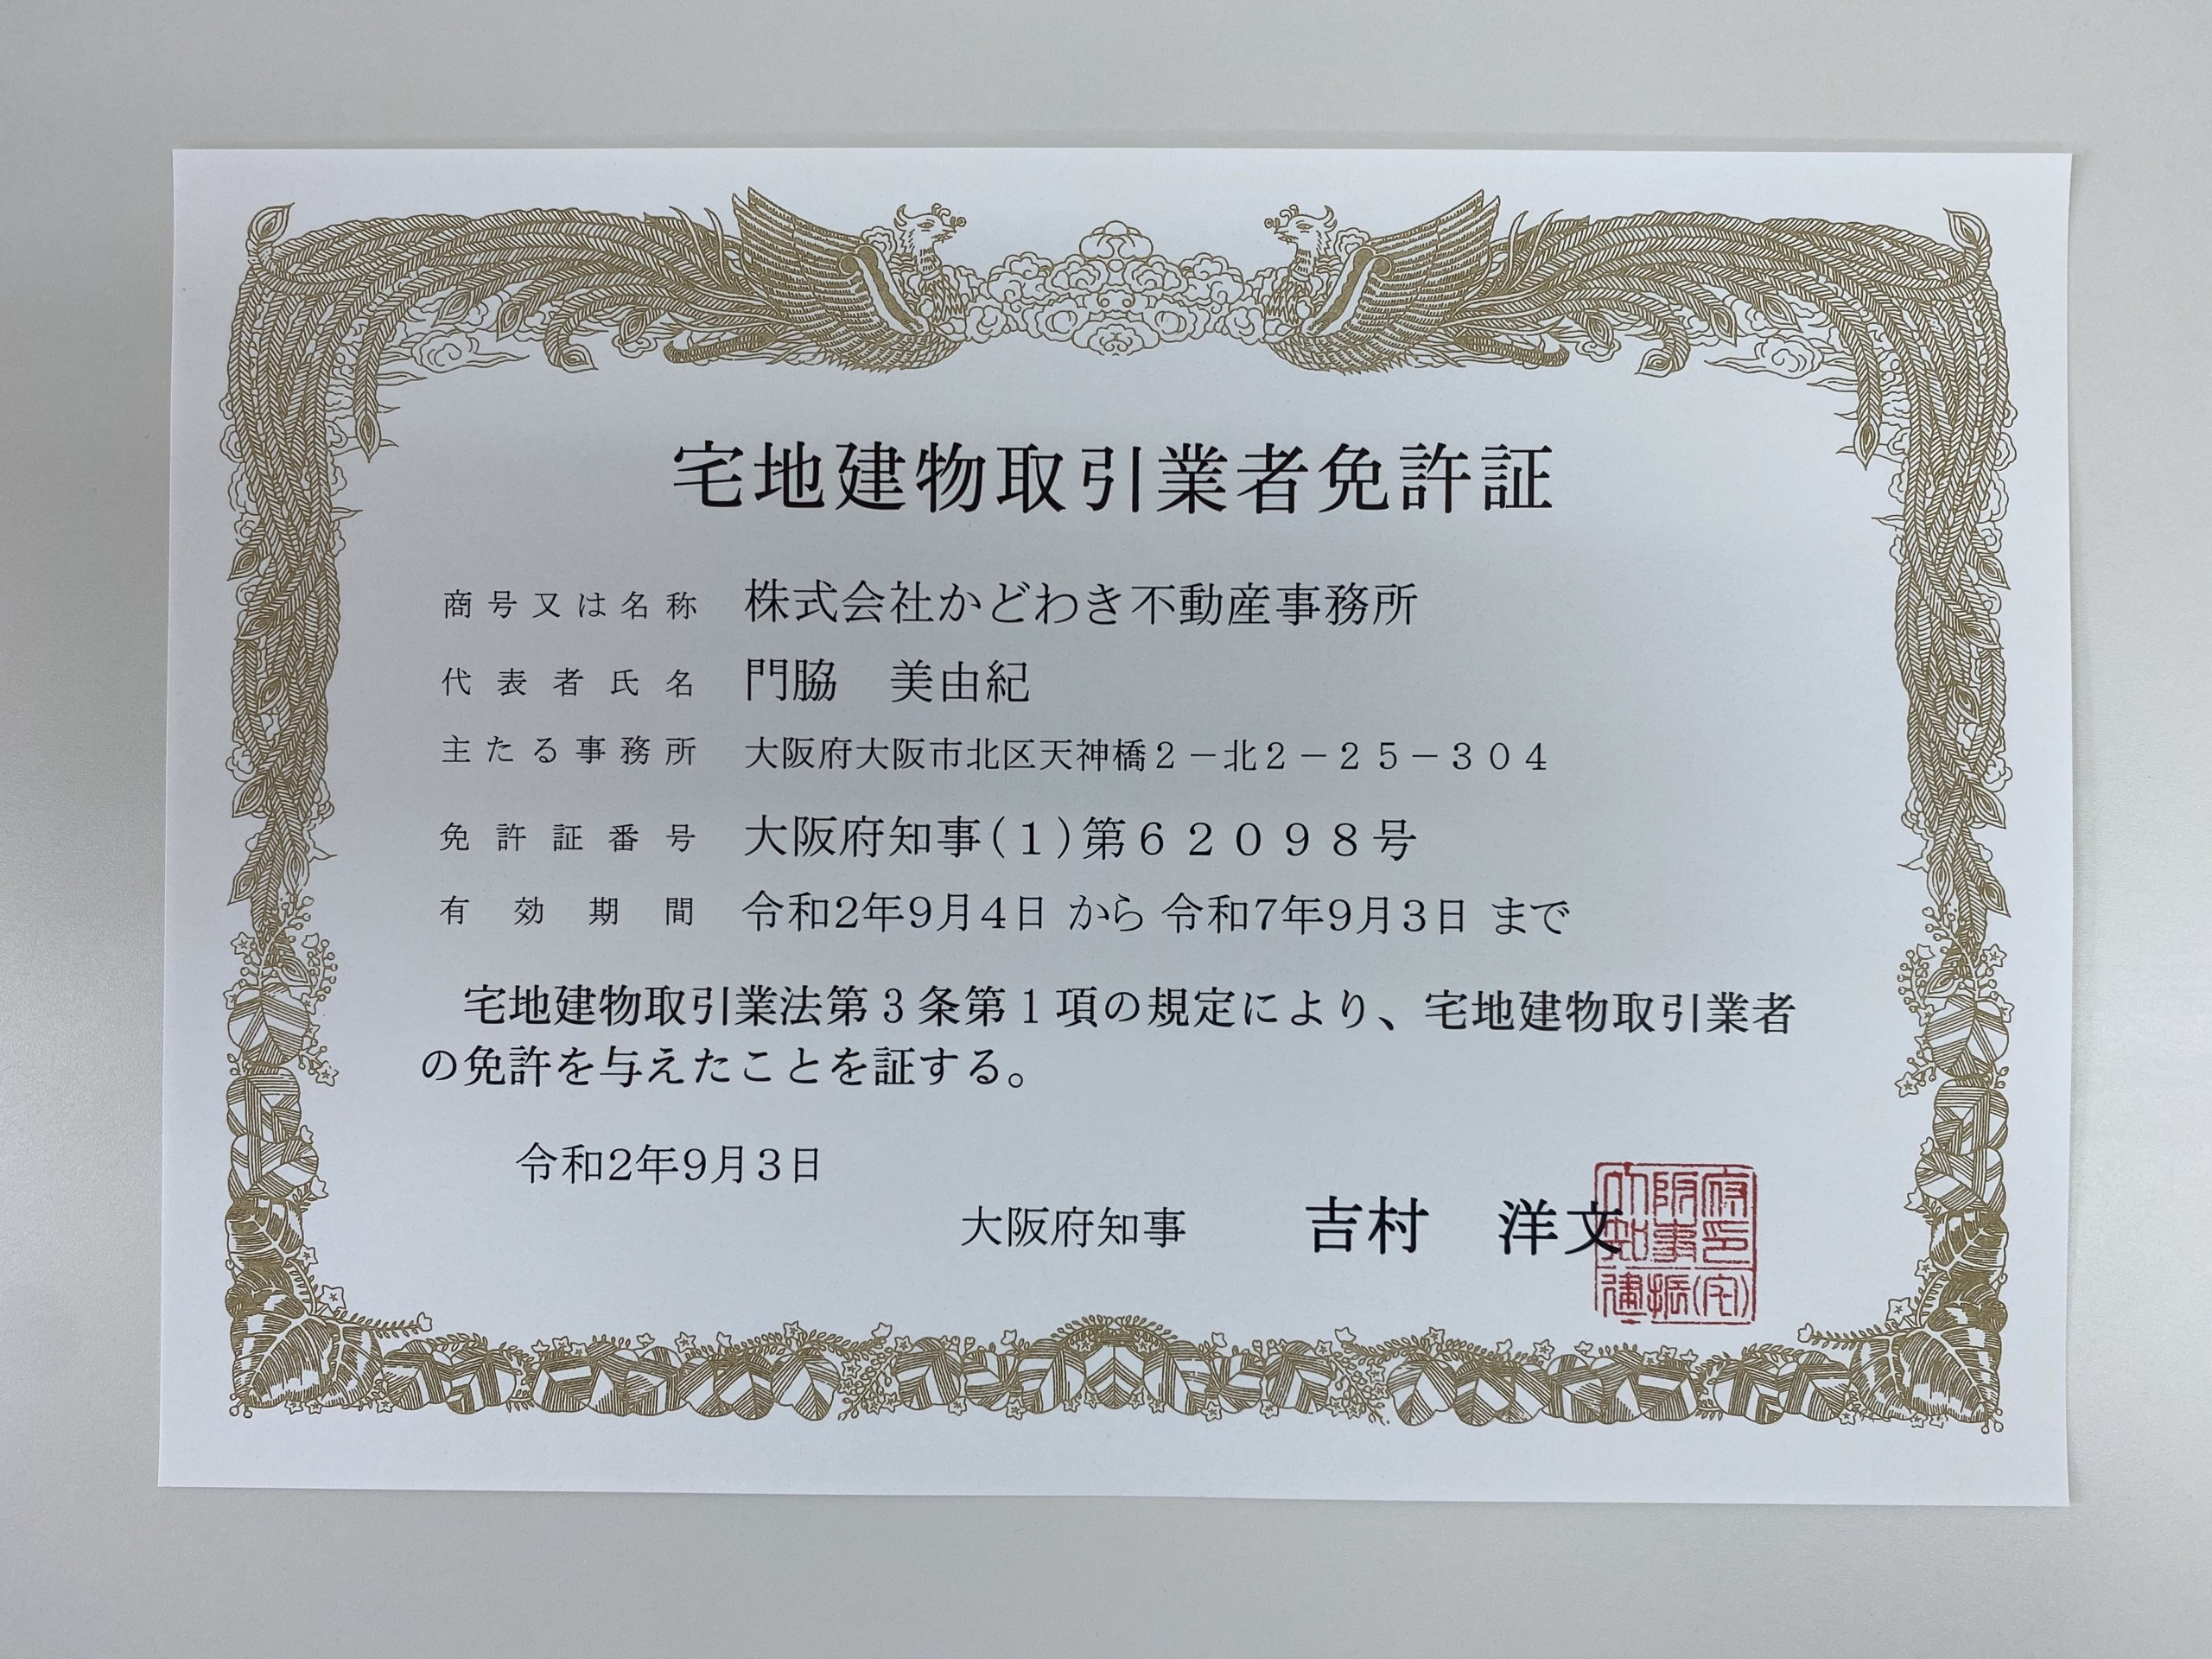 大阪の女性不動産営業 株式会社かどわき不動産事務所